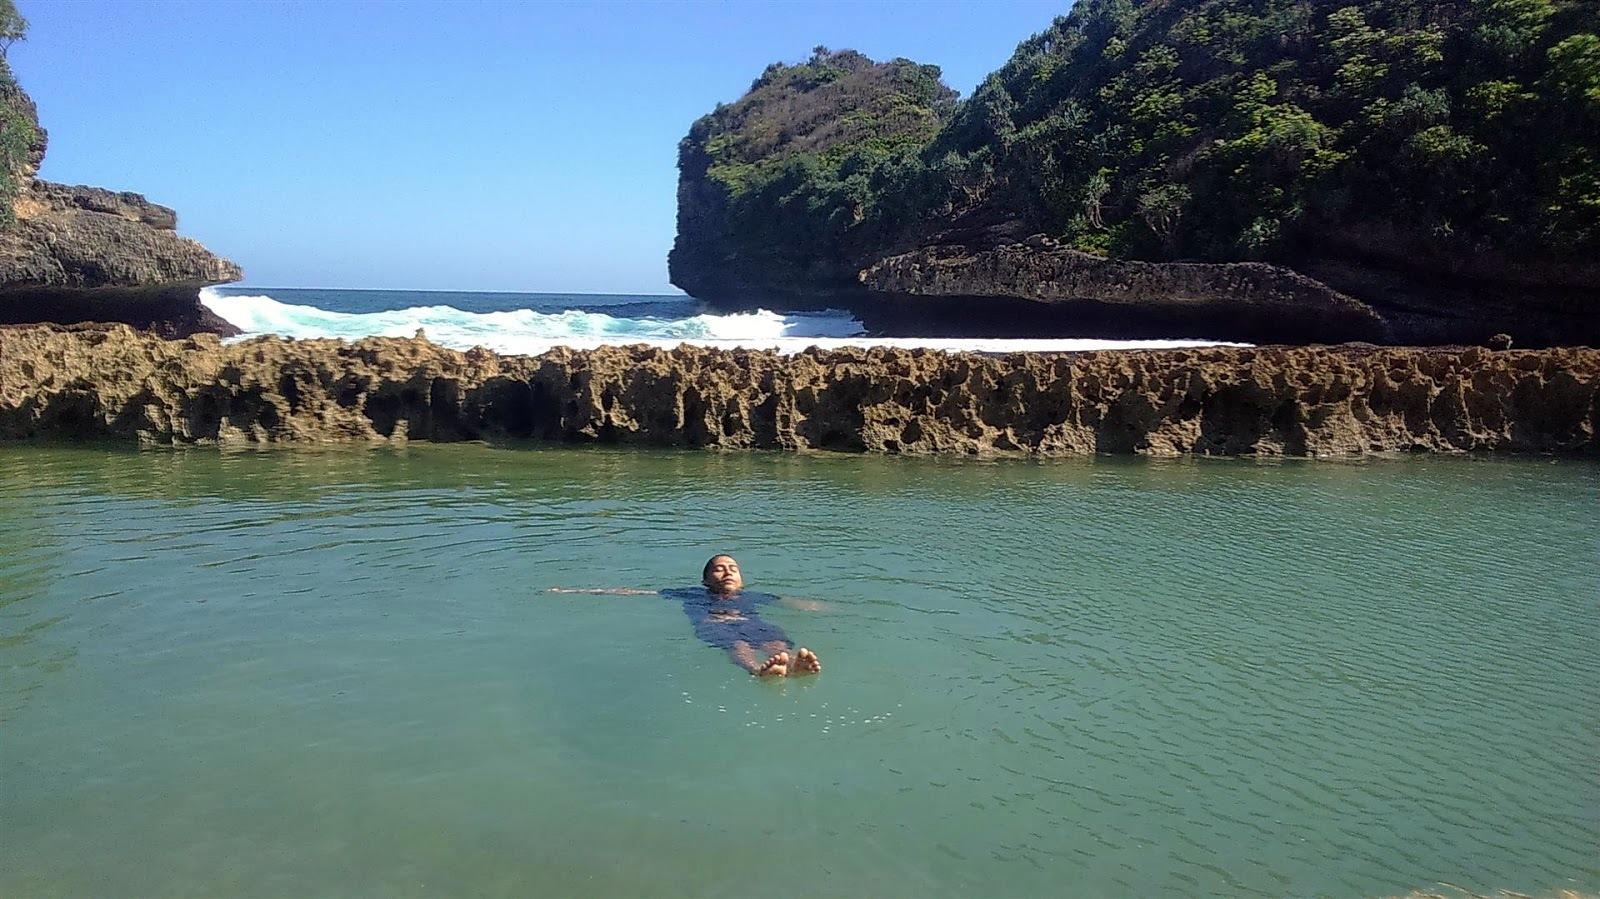 Pantai Batu Bengkung Kolam Renang Alaminya Langkah Kecilku Alami Reco